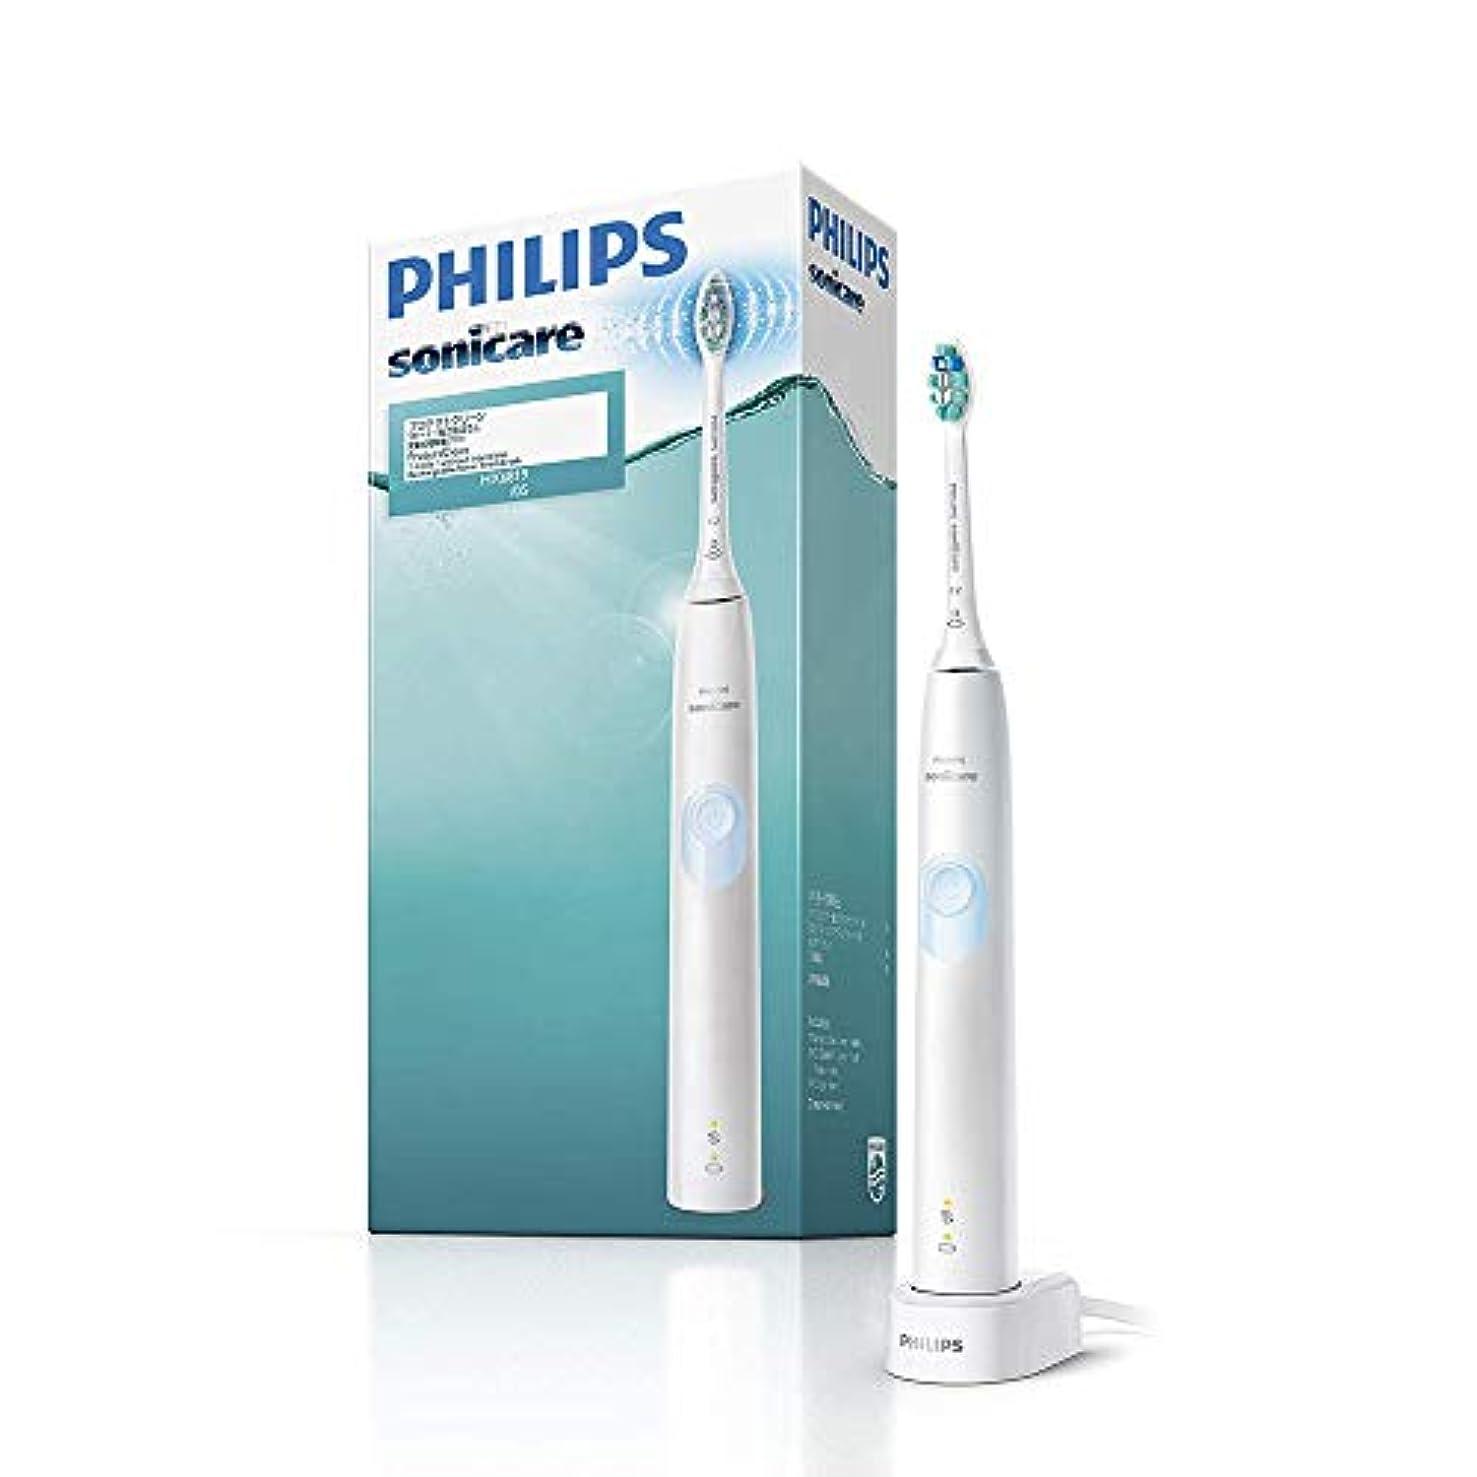 正当なからブラシ【Amazon.co.jp限定】フィリップス ソニッケアー プロテクトクリーン ホワイトライトブルー 電動歯ブラシ 強さ設定なし HX6819/05